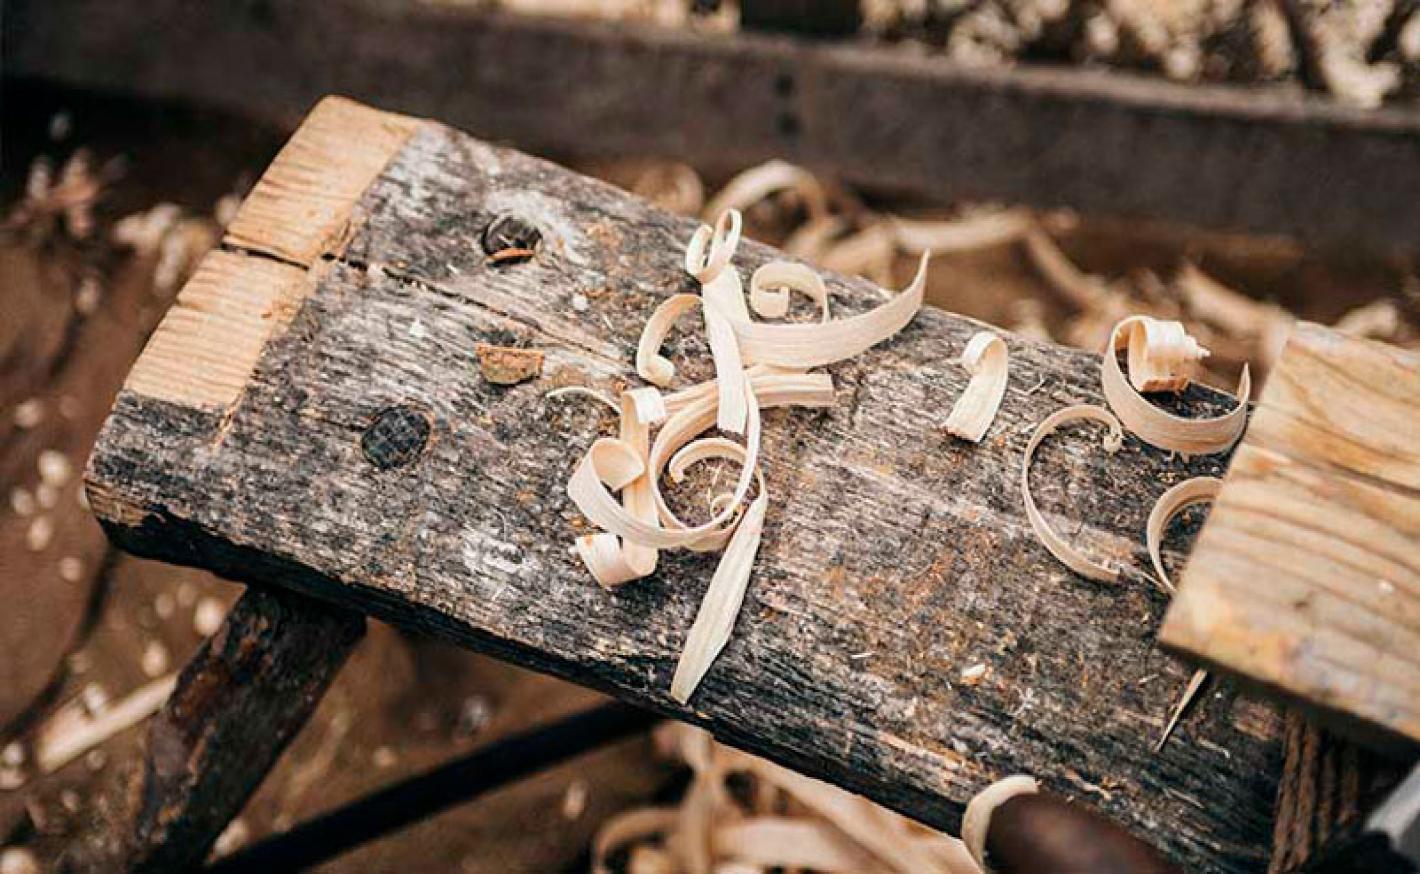 Seja um expert da madeira: conheça mais sobre nossa matéria-prima